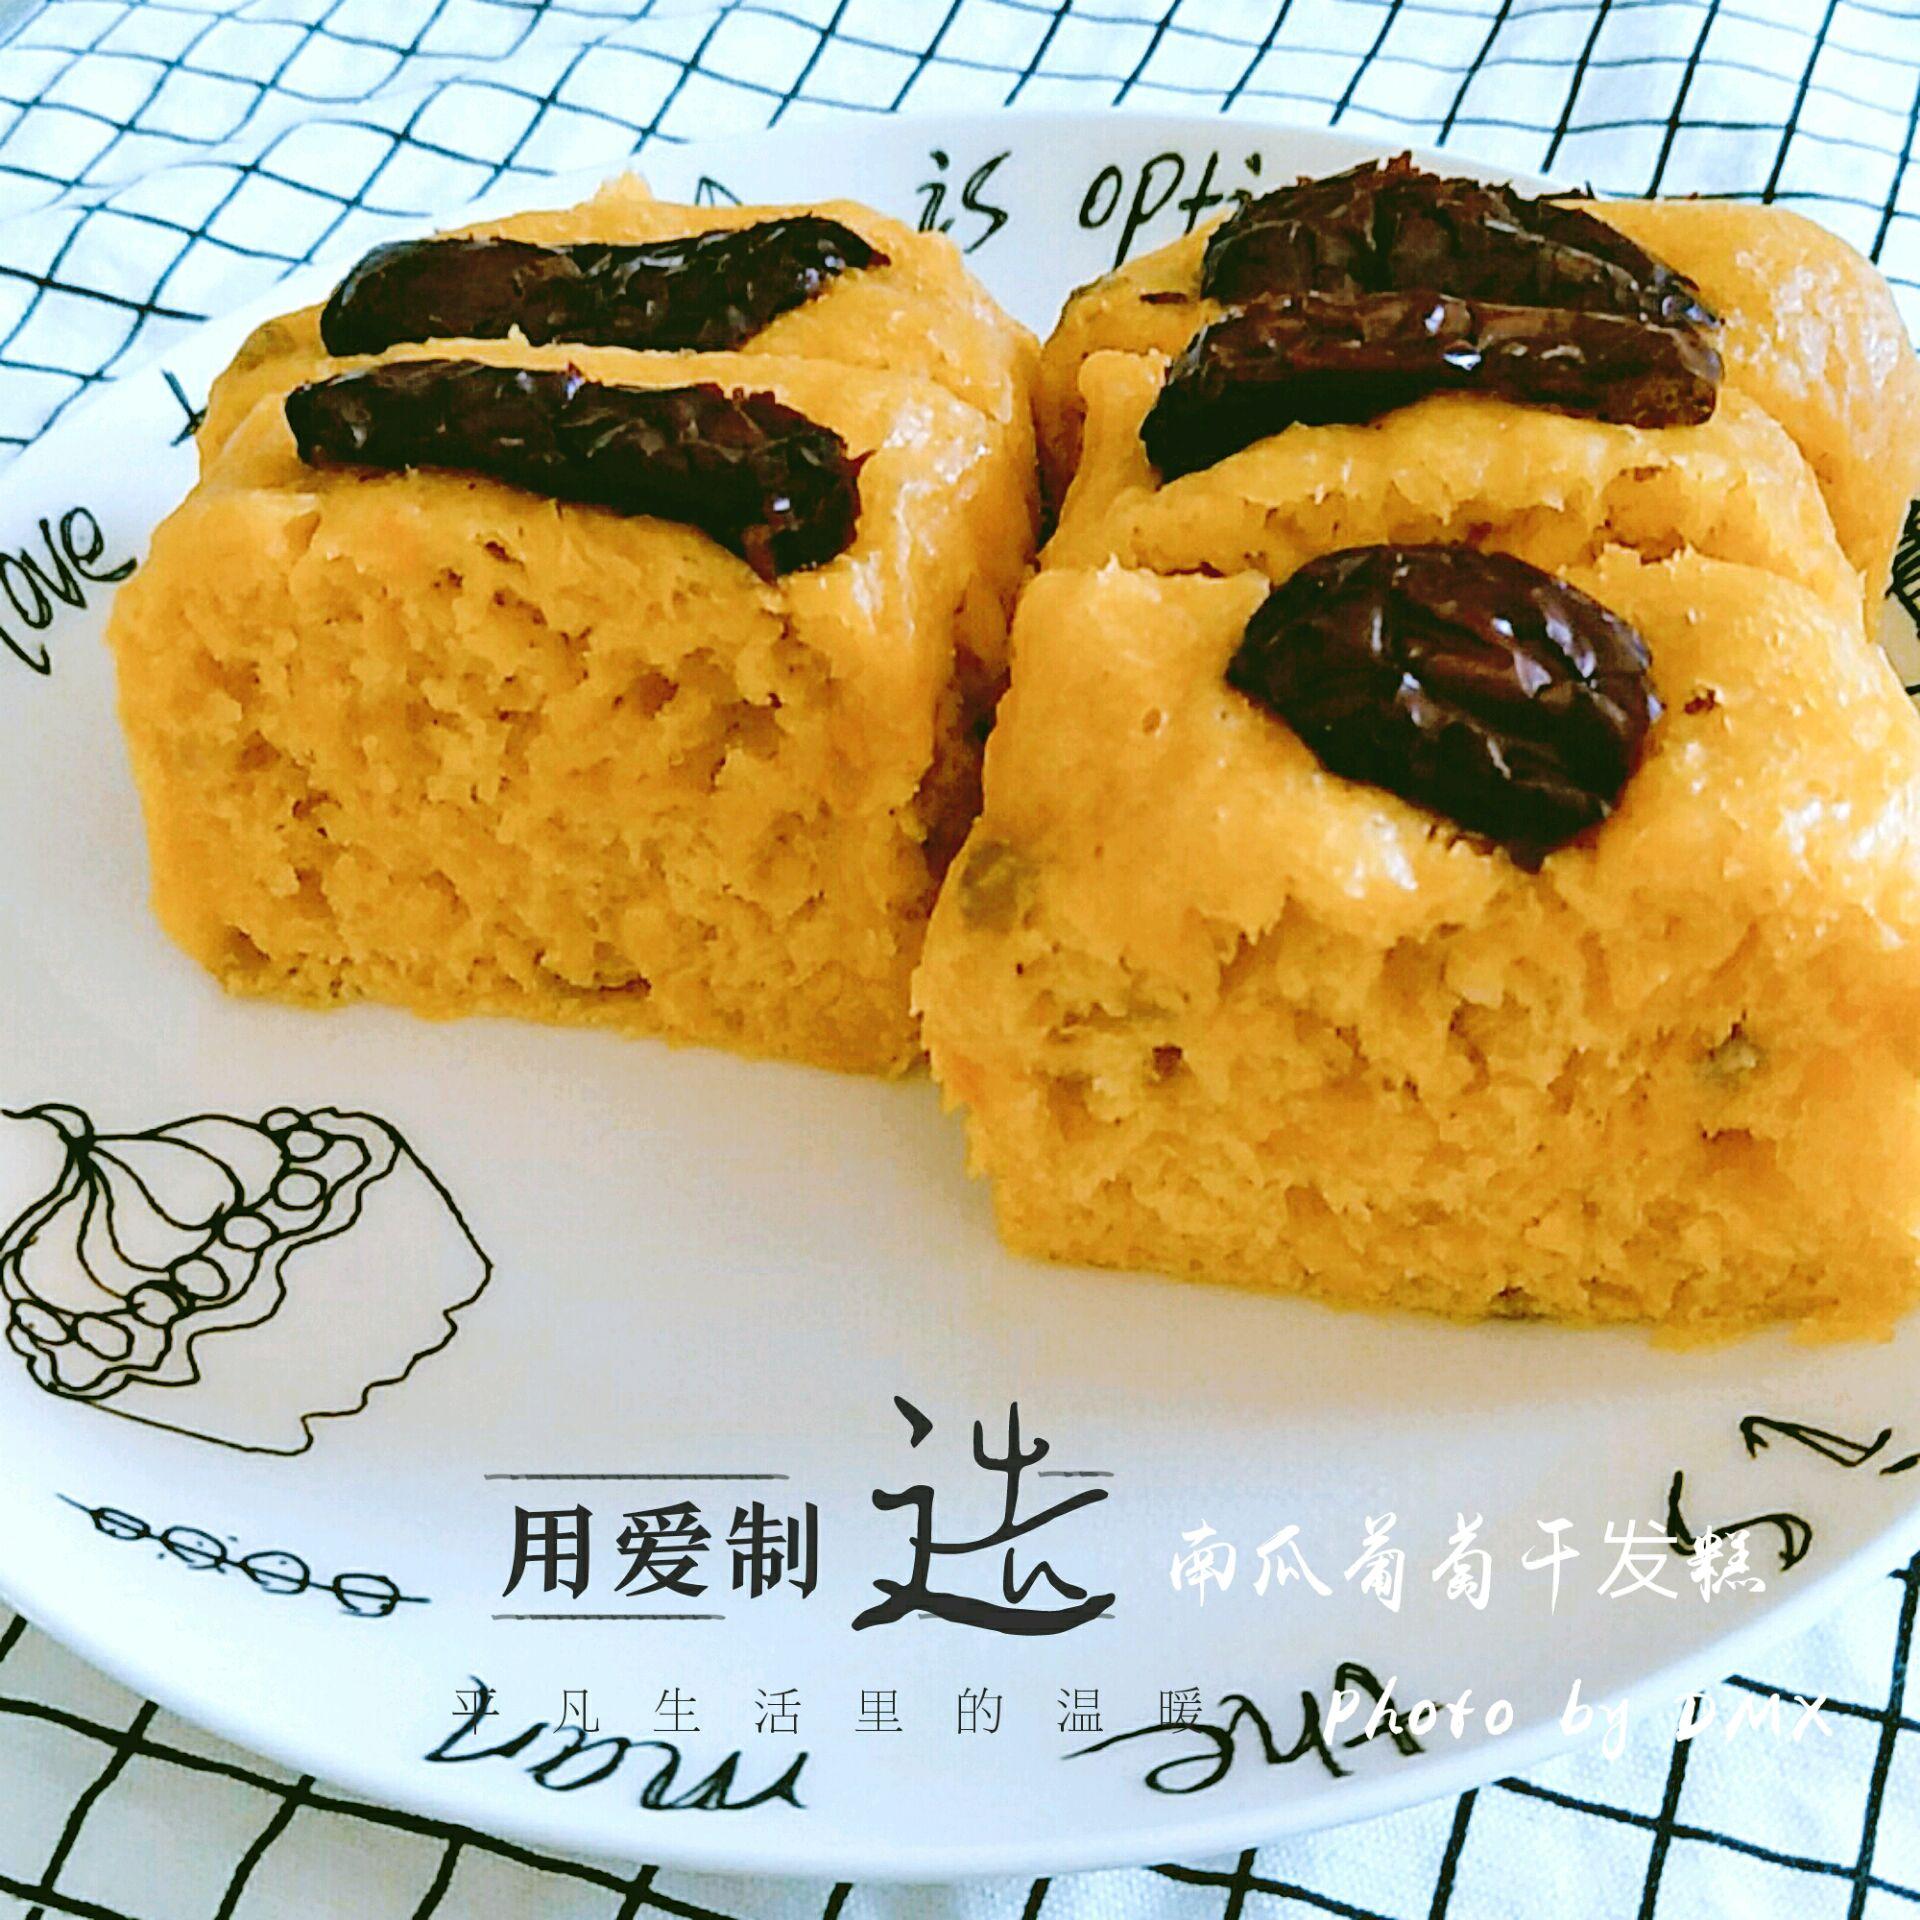 南瓜葡萄干发糕的做法_【图解】南瓜葡萄干发糕怎么做